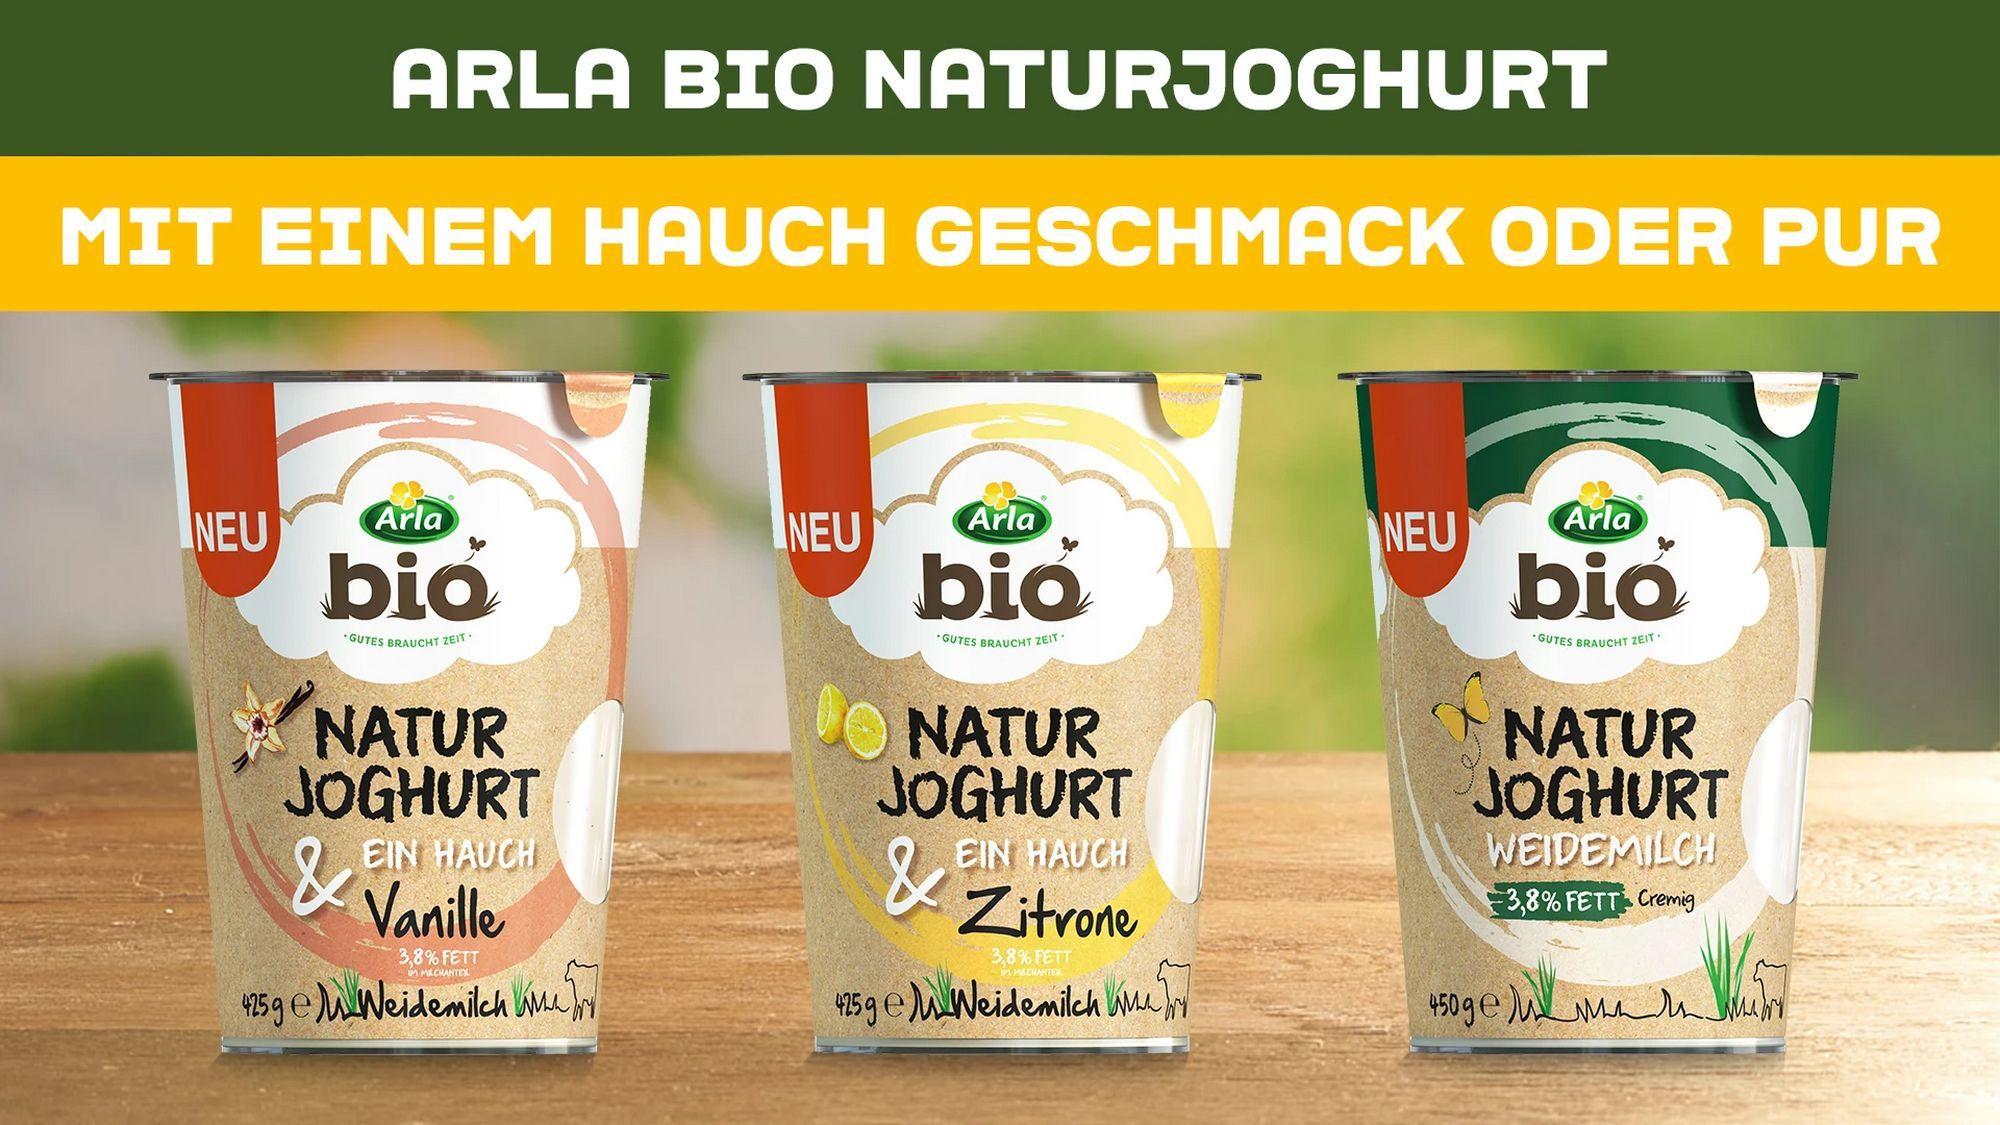 [Edeka Center Minden-Hannover] Arla Bio Natur Joghurt 425g verschiedene Sorten mit Coupon für 0,49€